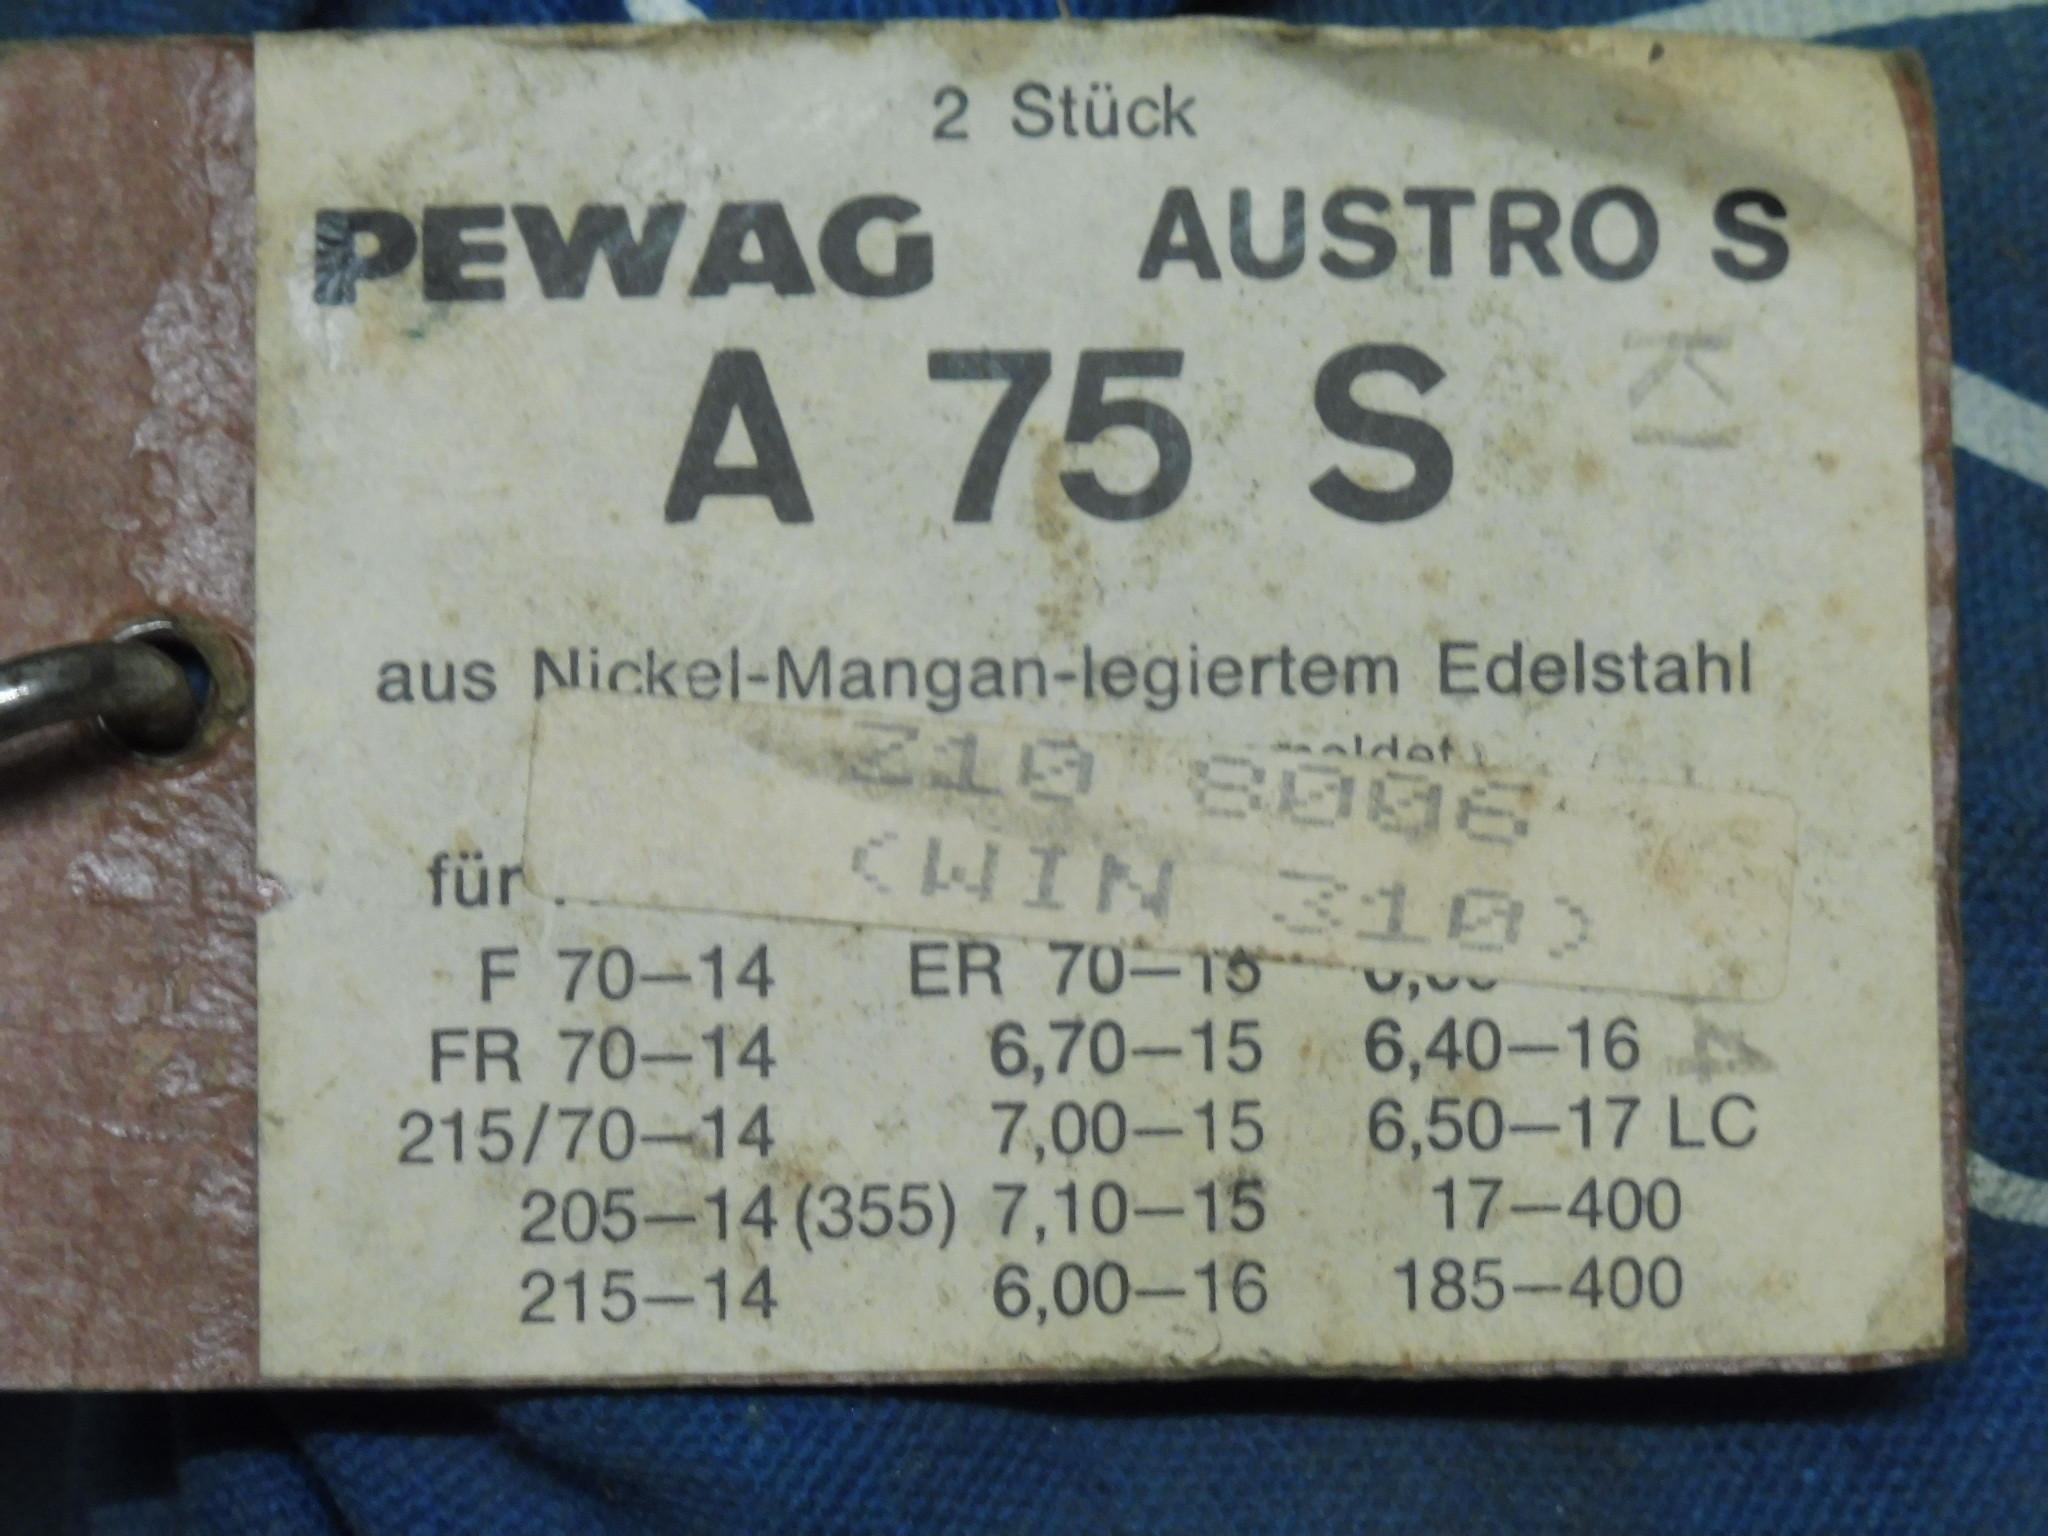 Pewag Austro S A75S